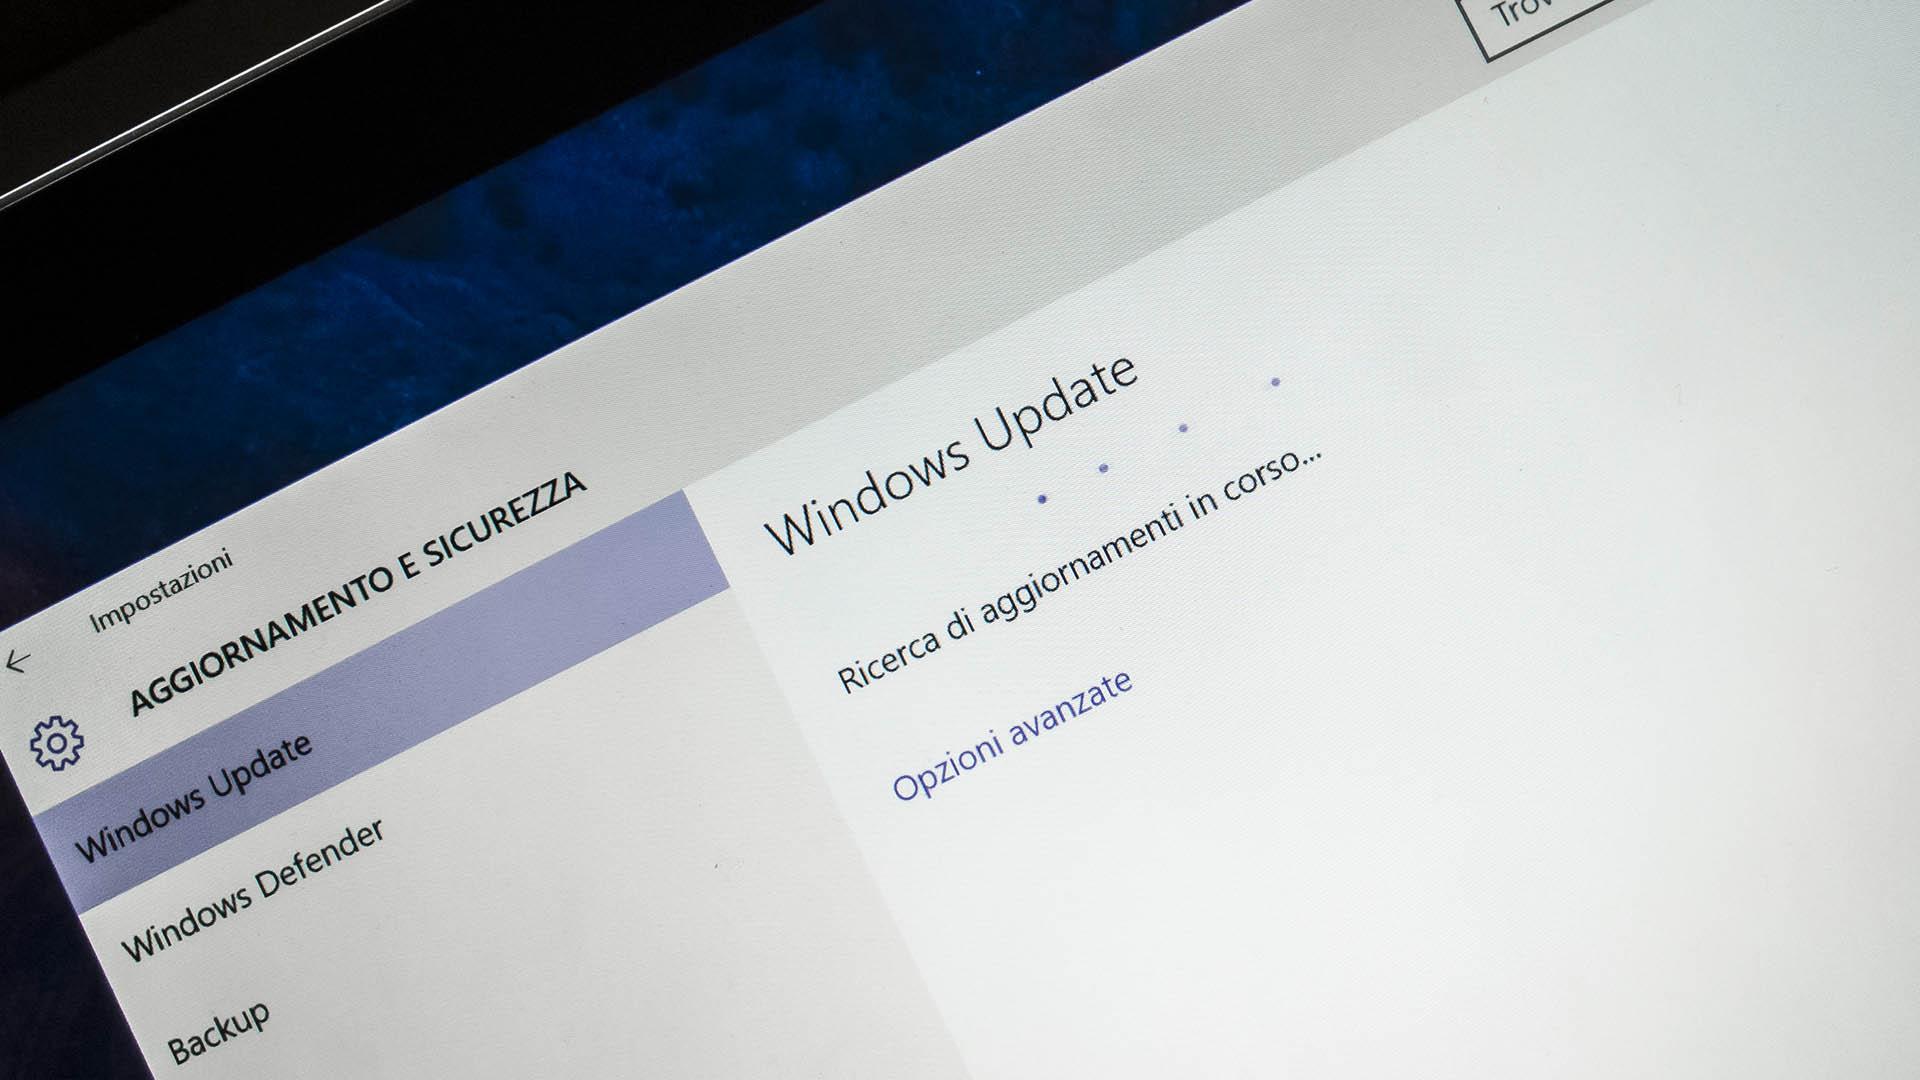 windows-update-sistema-aggiornamenti-unificato